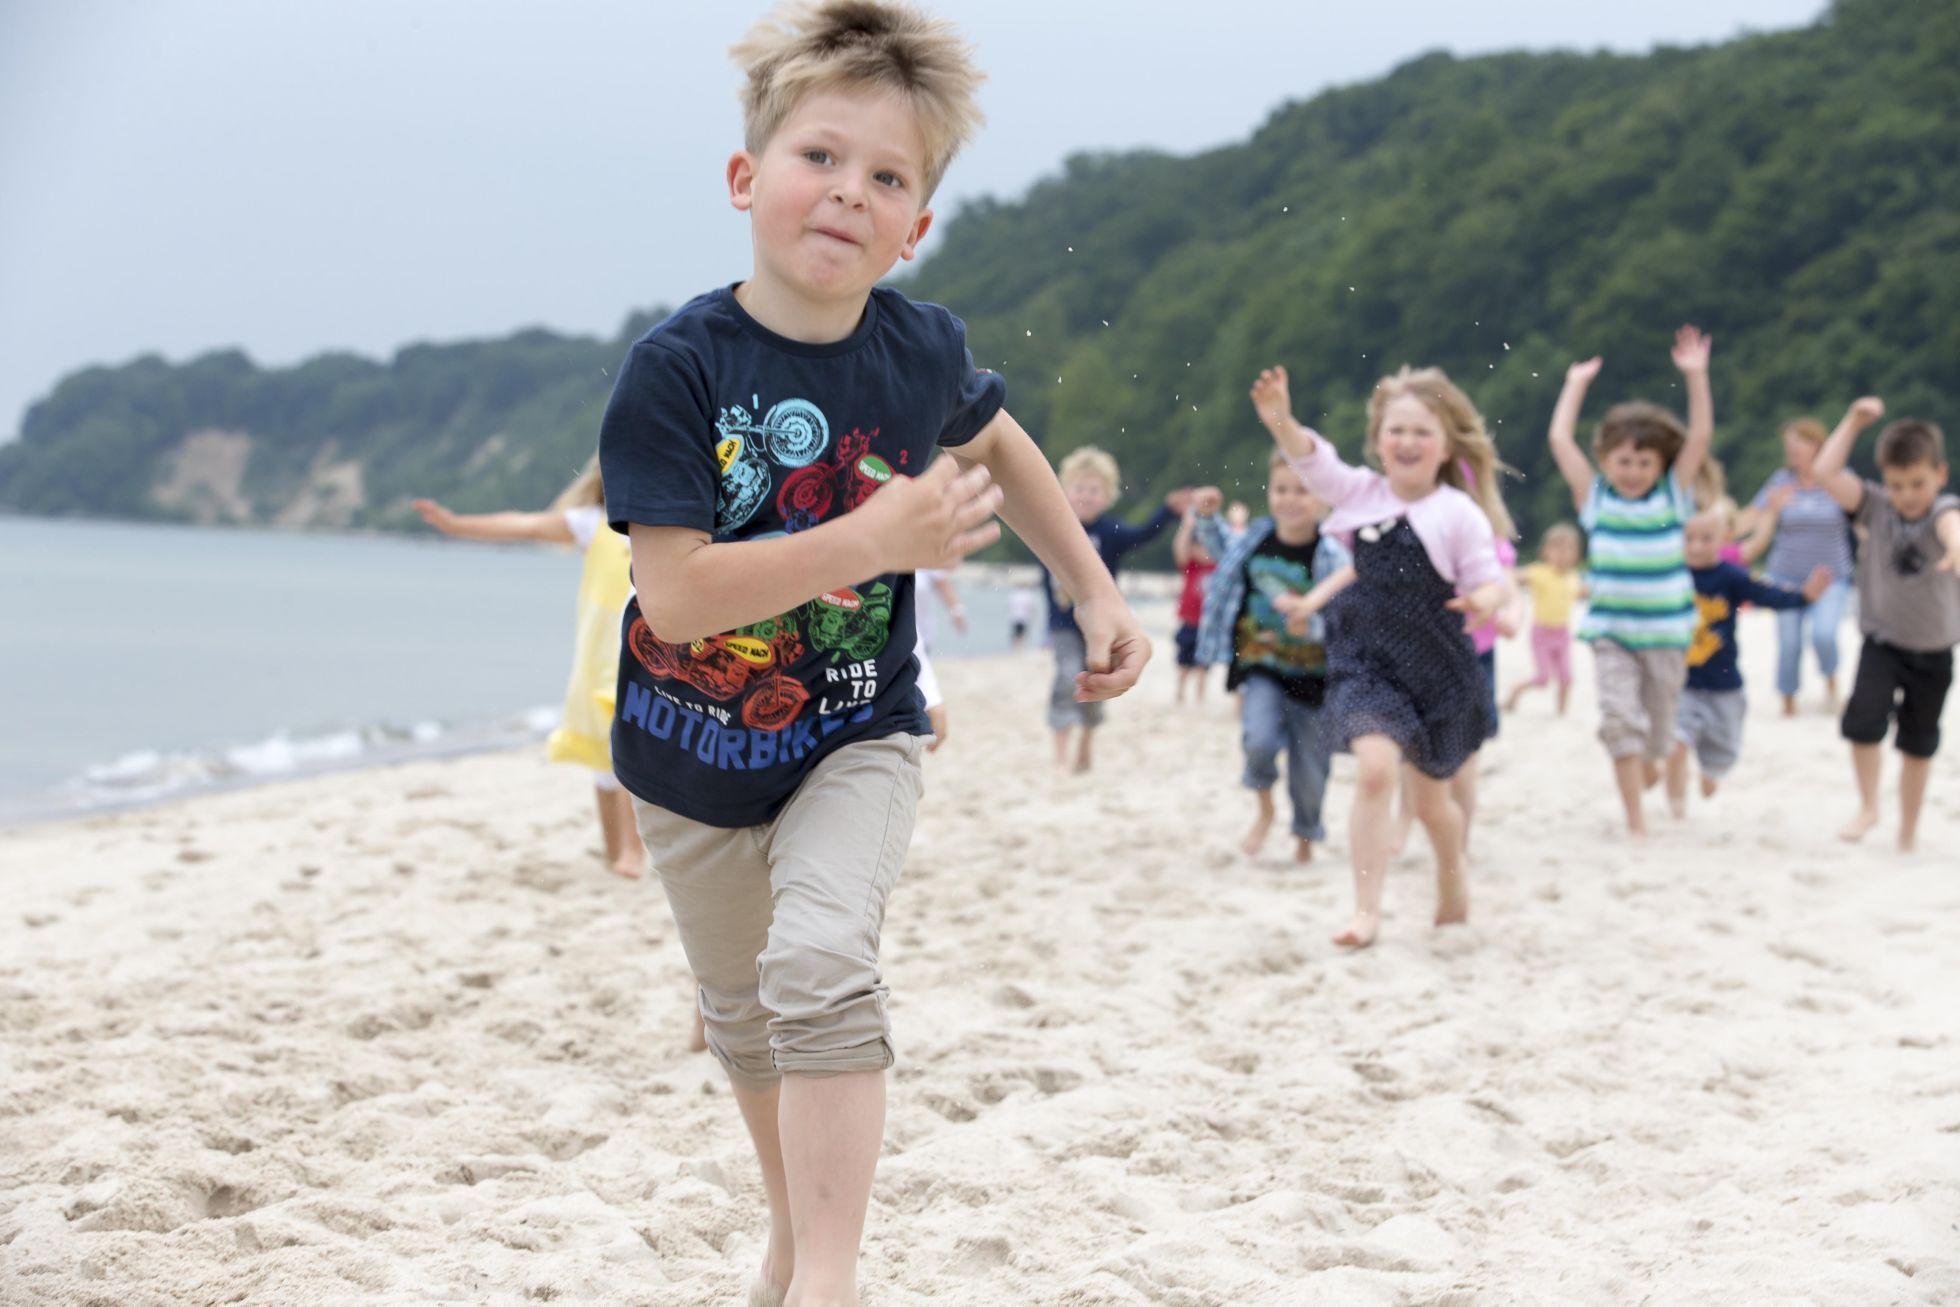 Goehren Strand Kinder2 Strandevents